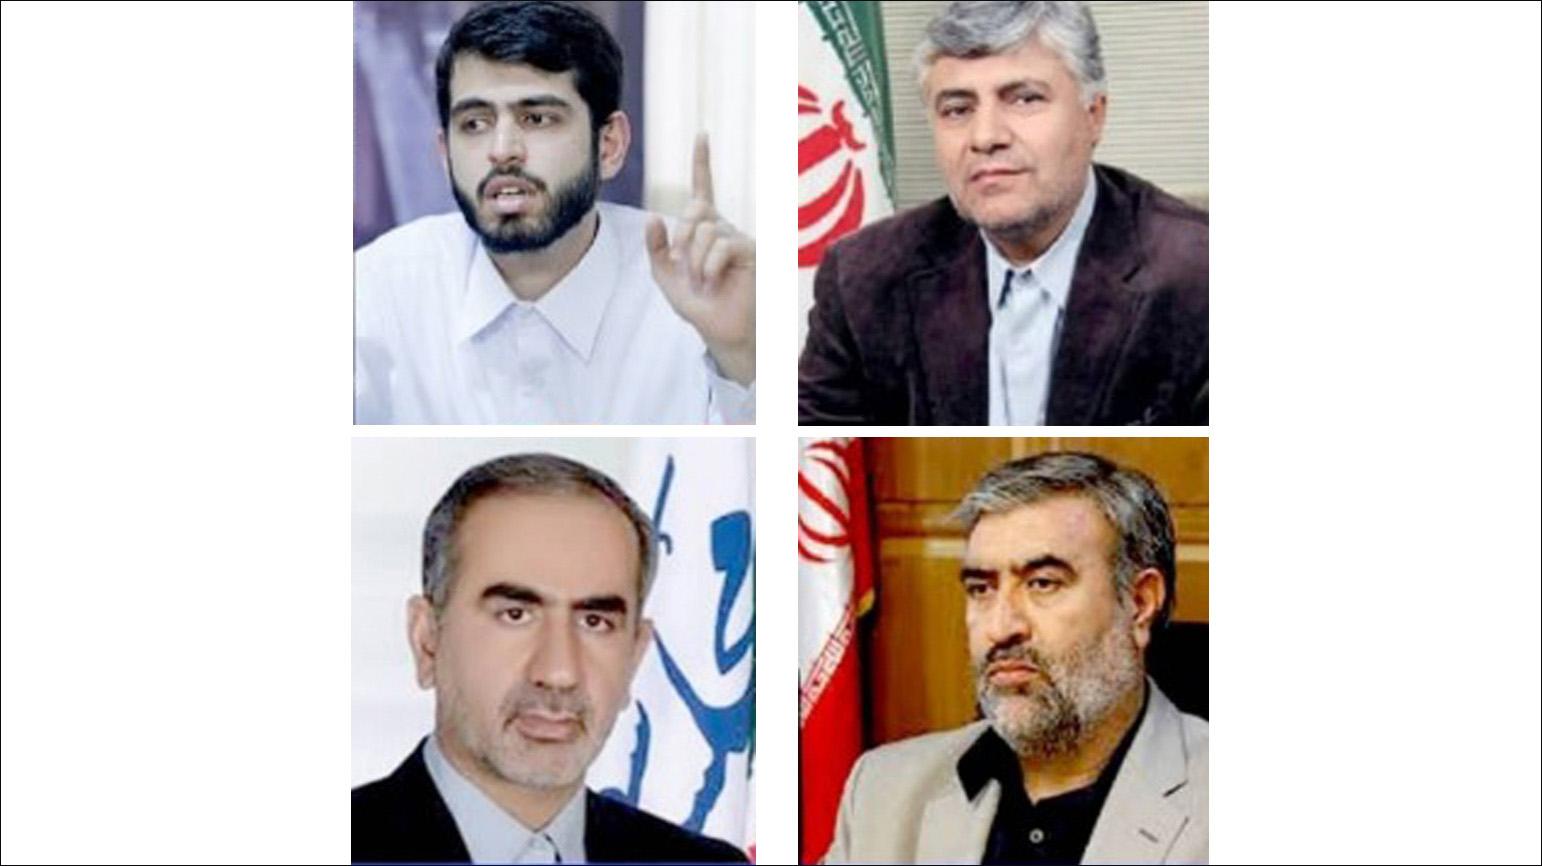 ۴ نفر با رأی ۱۰ درصد مردم شیراز نماینده مجلس شدند